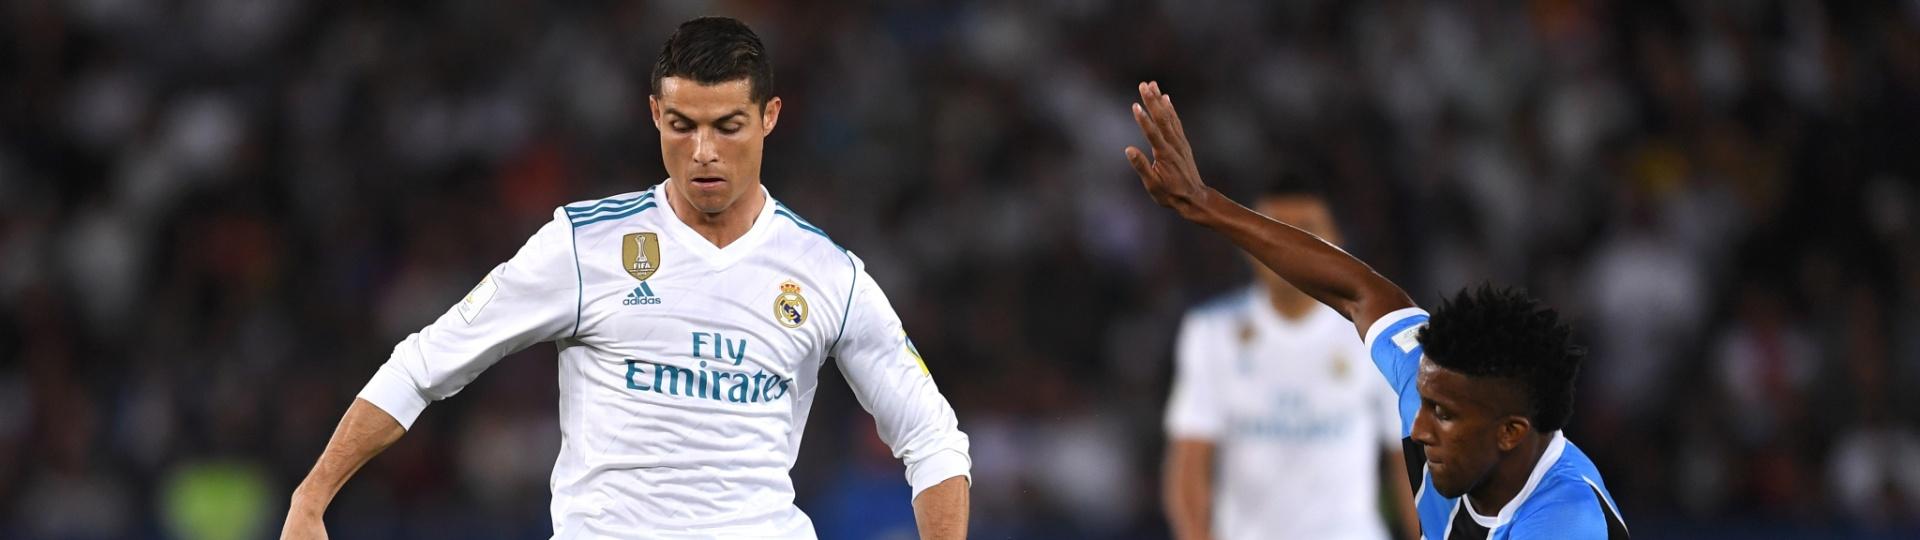 Cortez faz a marcação contra Cristiano Ronaldo na final do Mundial de Clubes